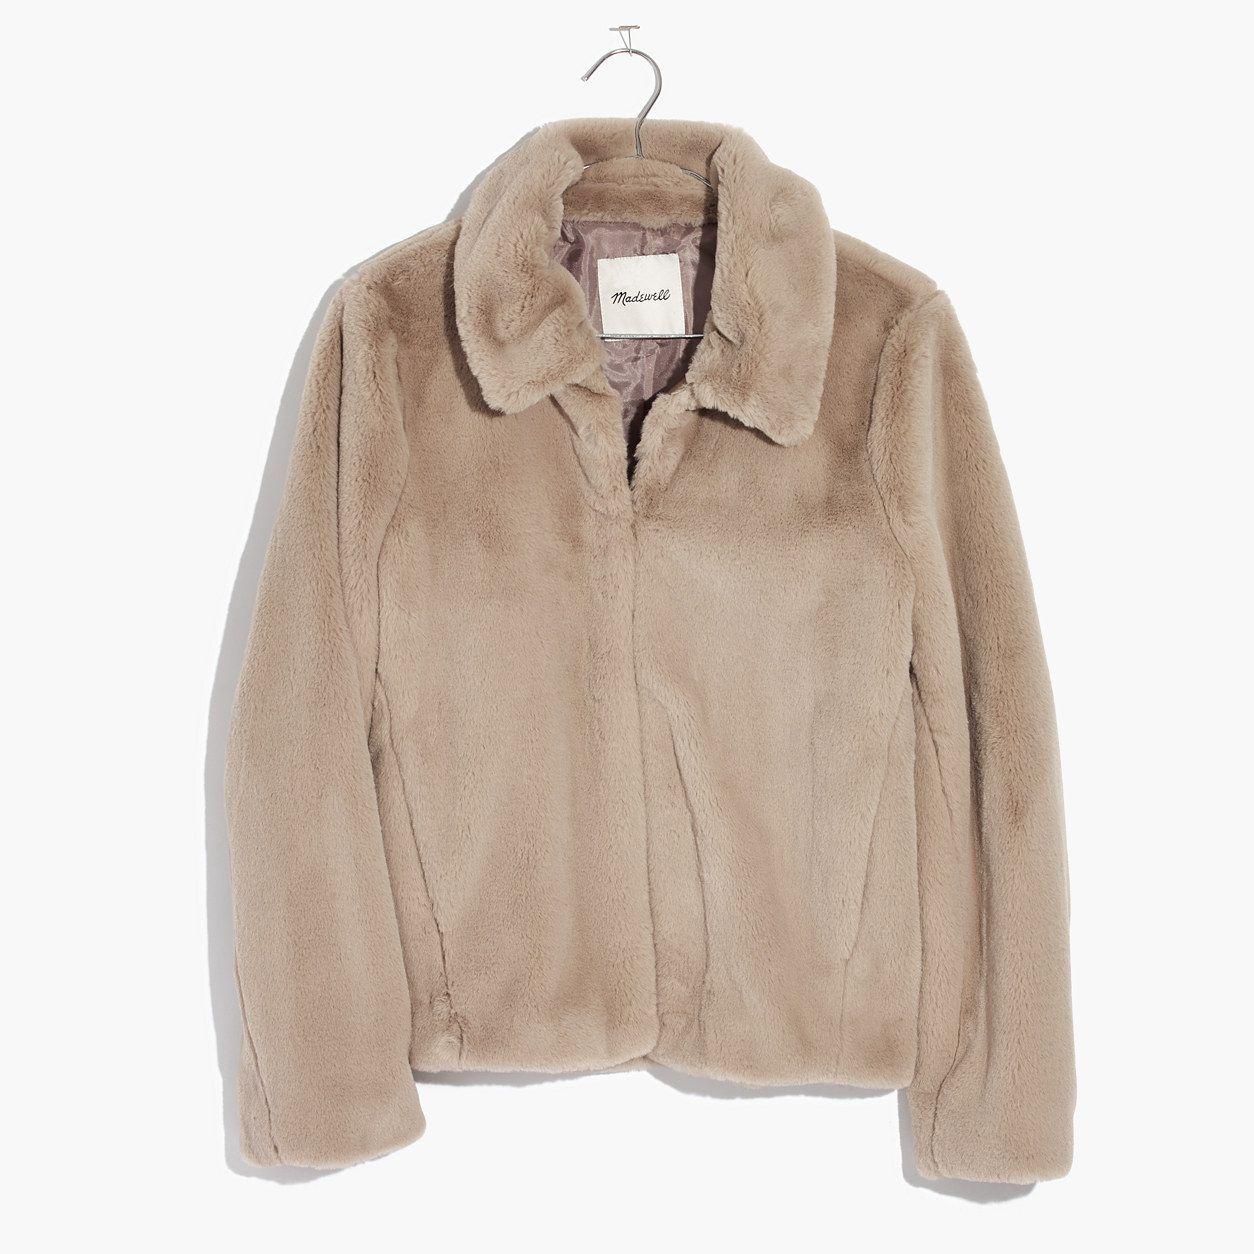 Madewell Shrunken FauxMink Jacket Mink jacket, Faux fur